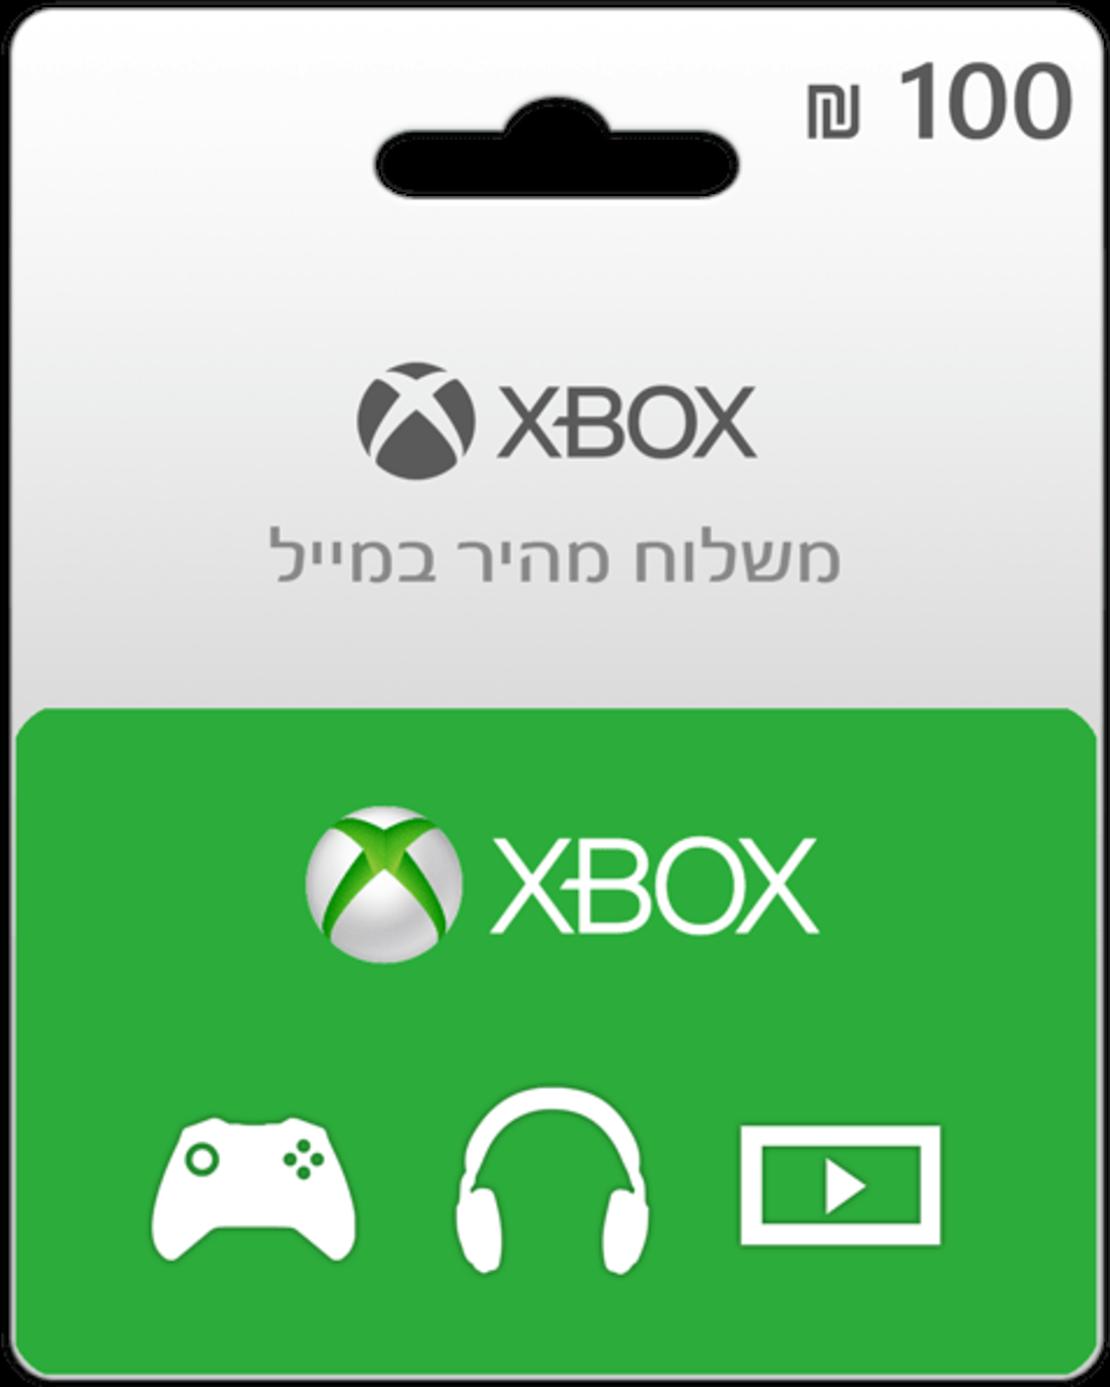 כרטיס מתנה דיגיטלי Gift Card ל- 100 Xbox ש